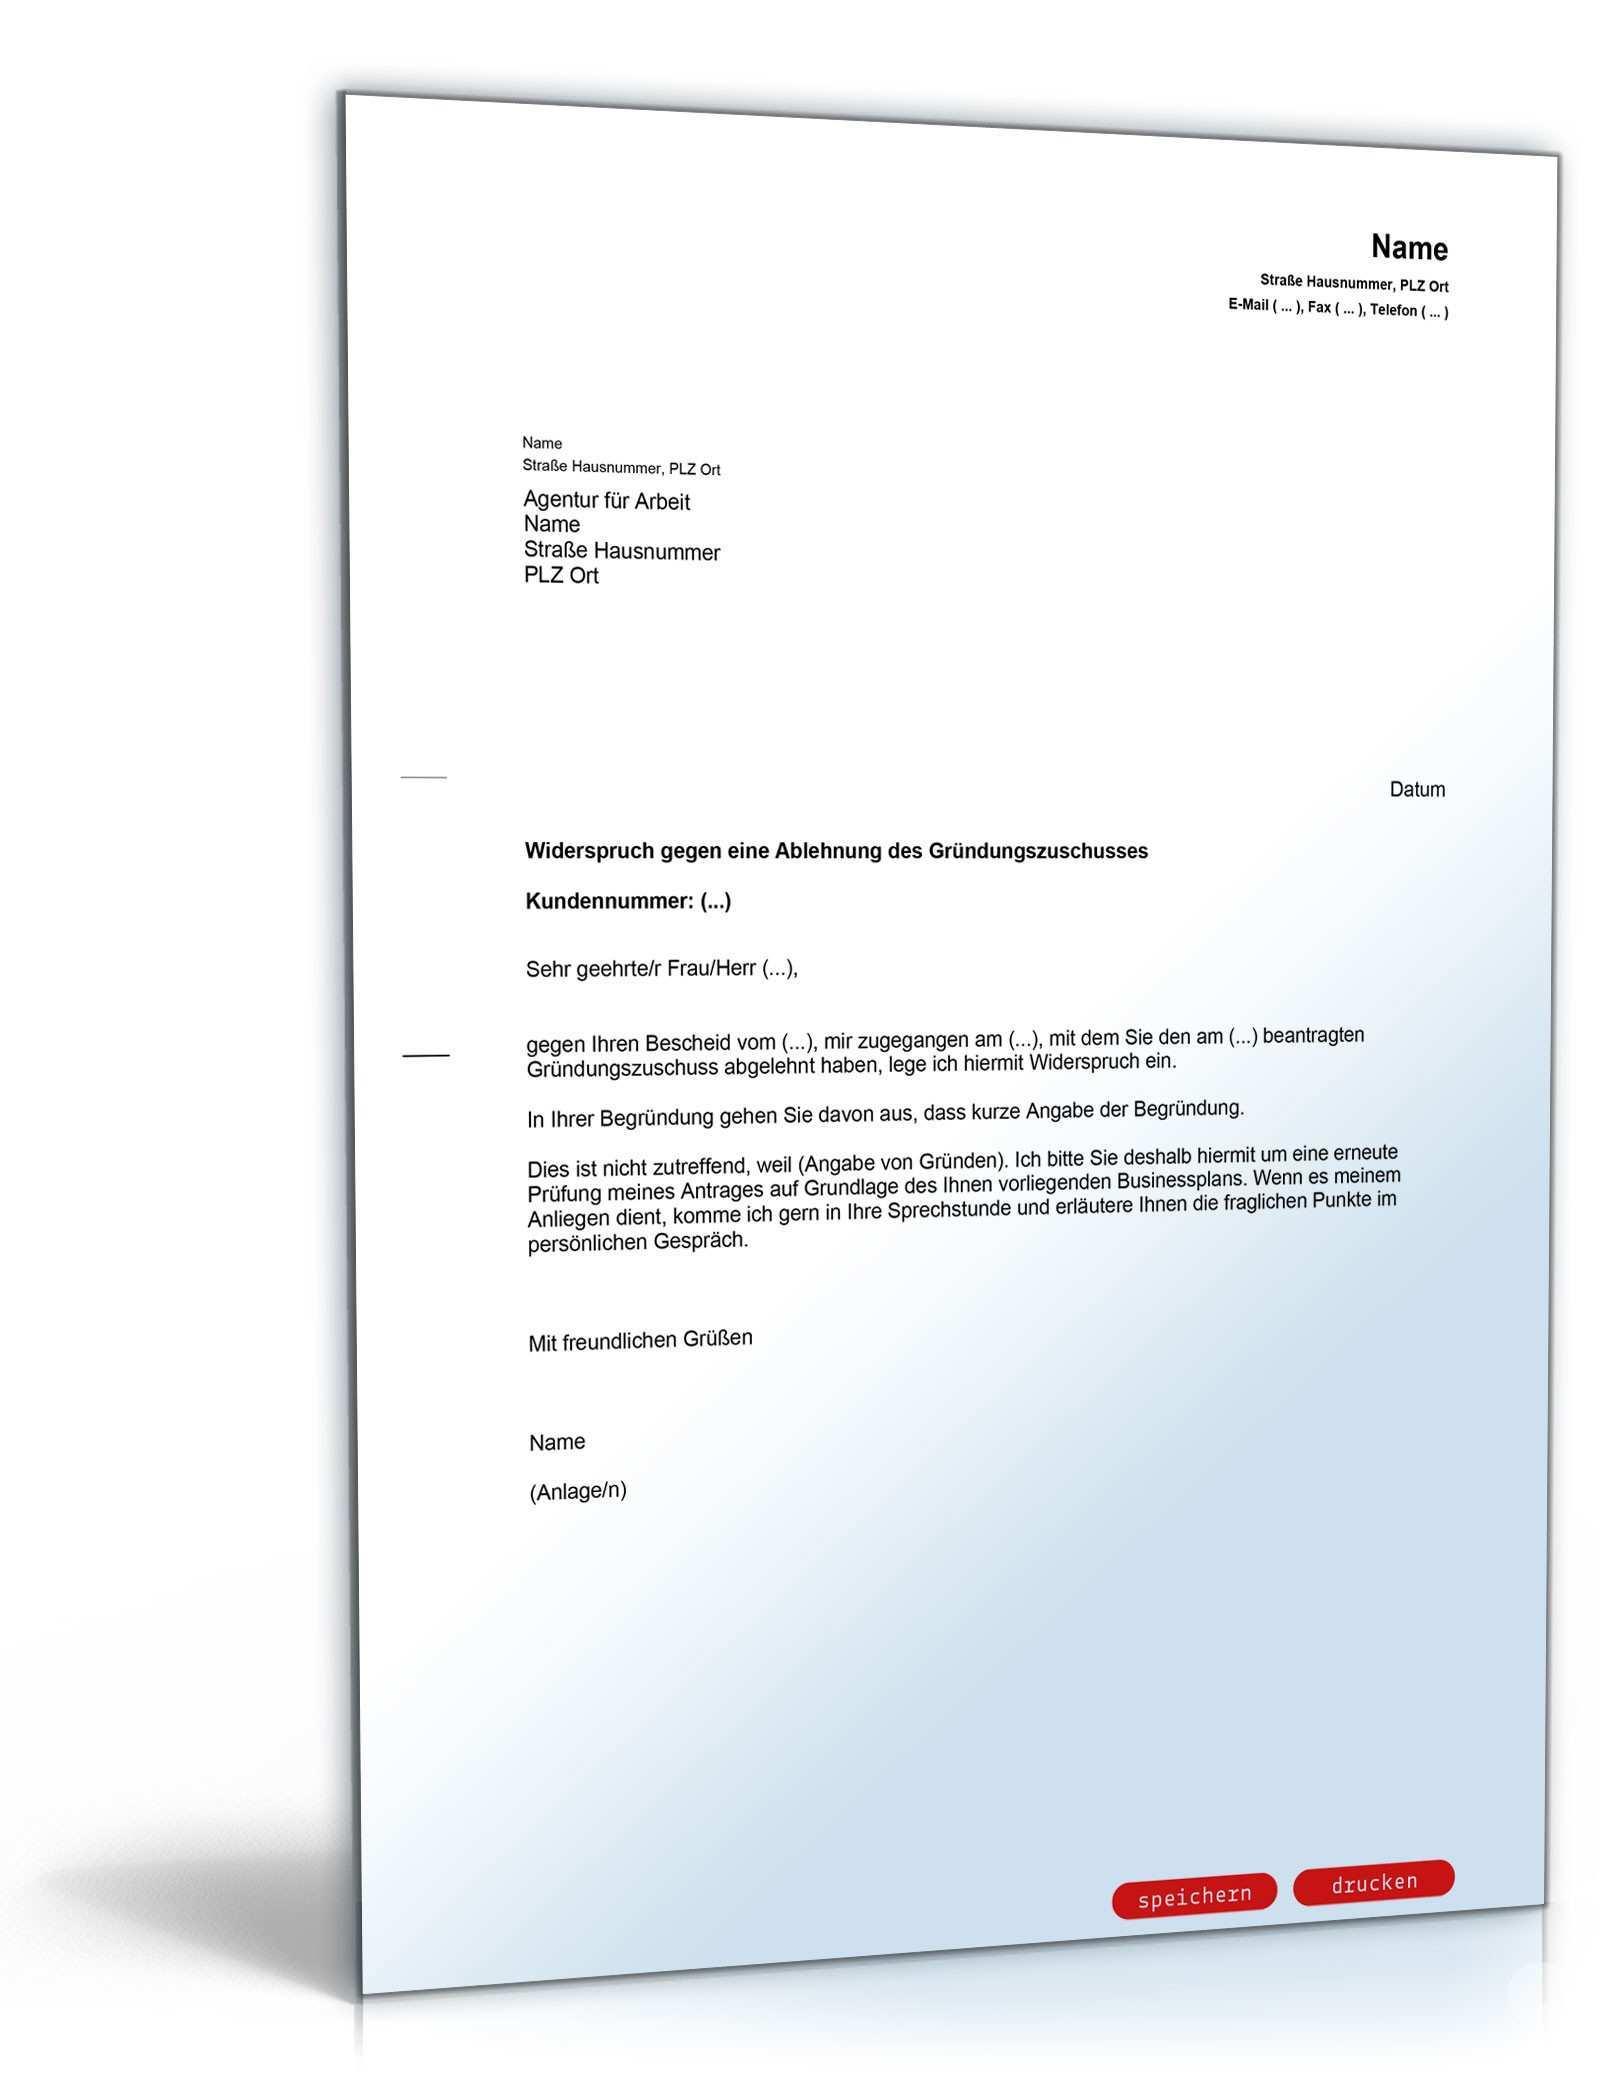 Widerspruch Ablehnung Grundungszuschuss Muster Zum Download